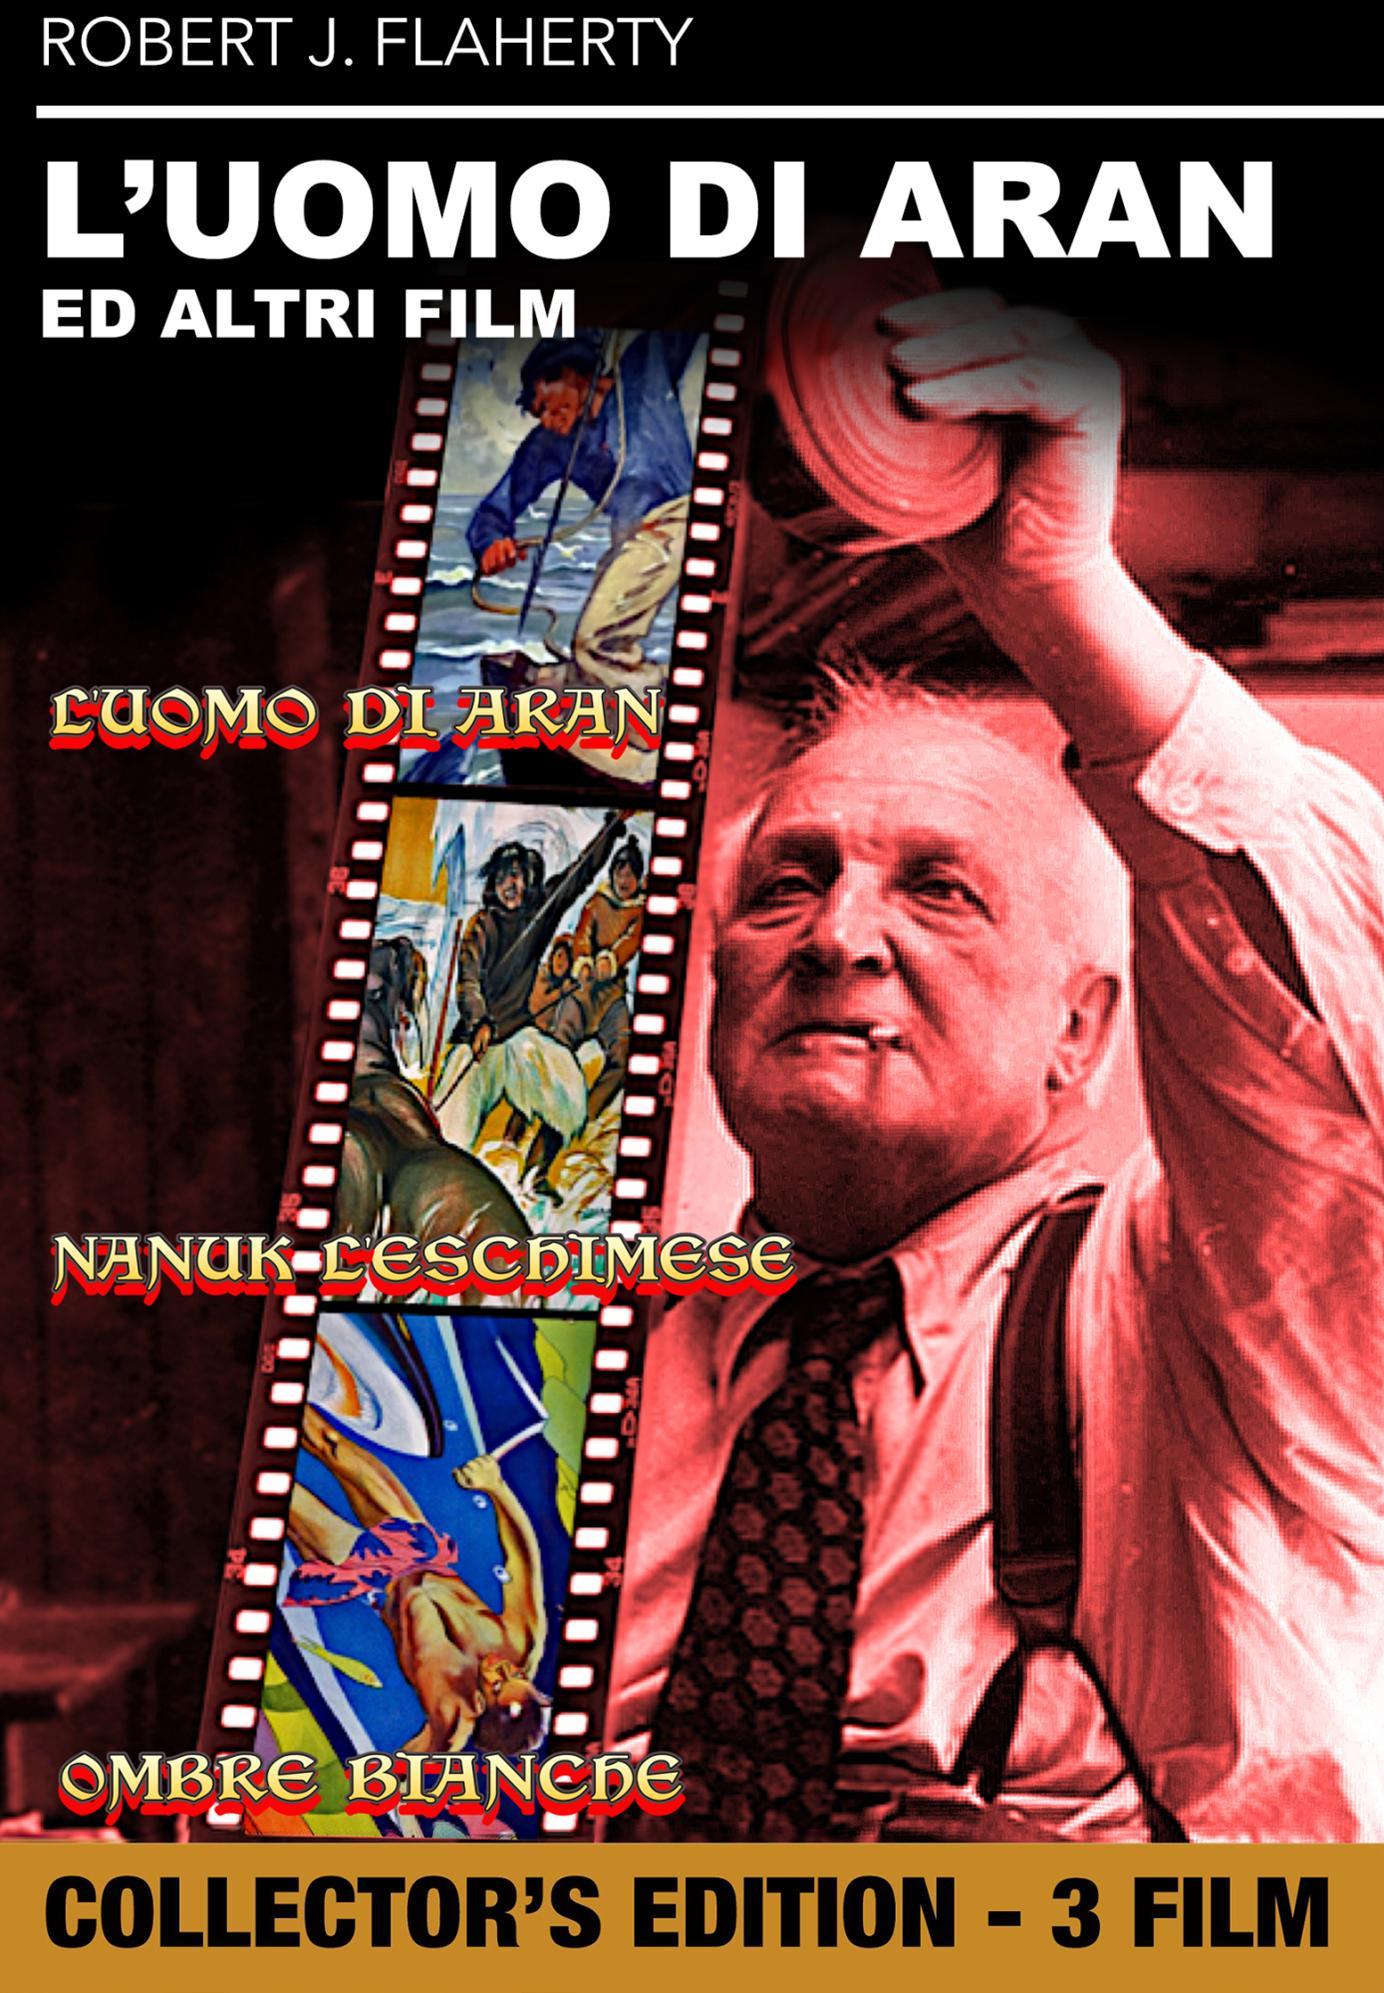 L'UOMO DI ARAN / NANUK L'ESCHIMESE / OMBRE BIANCHE (DVD)